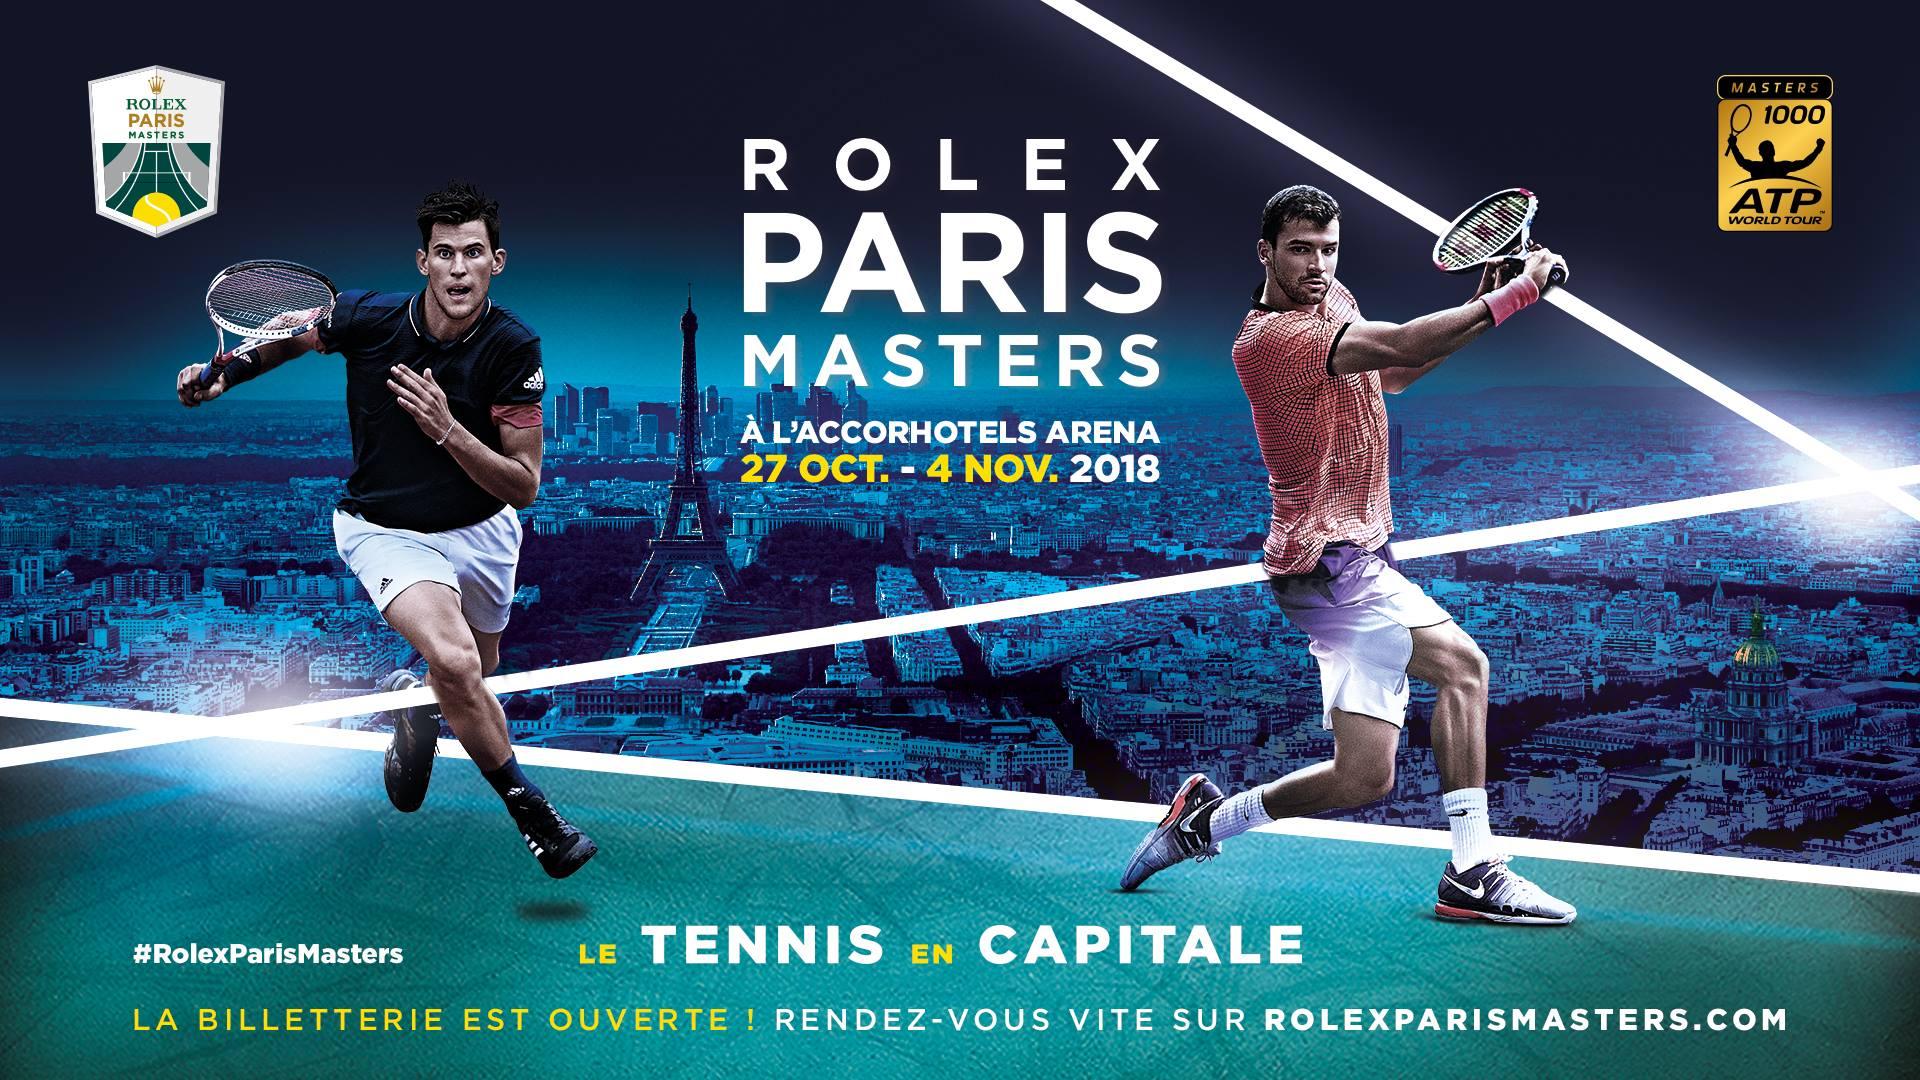 new concept 588cc 53454 Cette semaine, l AccorHotels Arena accueille le Rolex Paris Masters. 2  Naming dans une même phrase qui donne le tournis mais réalité du business  ...